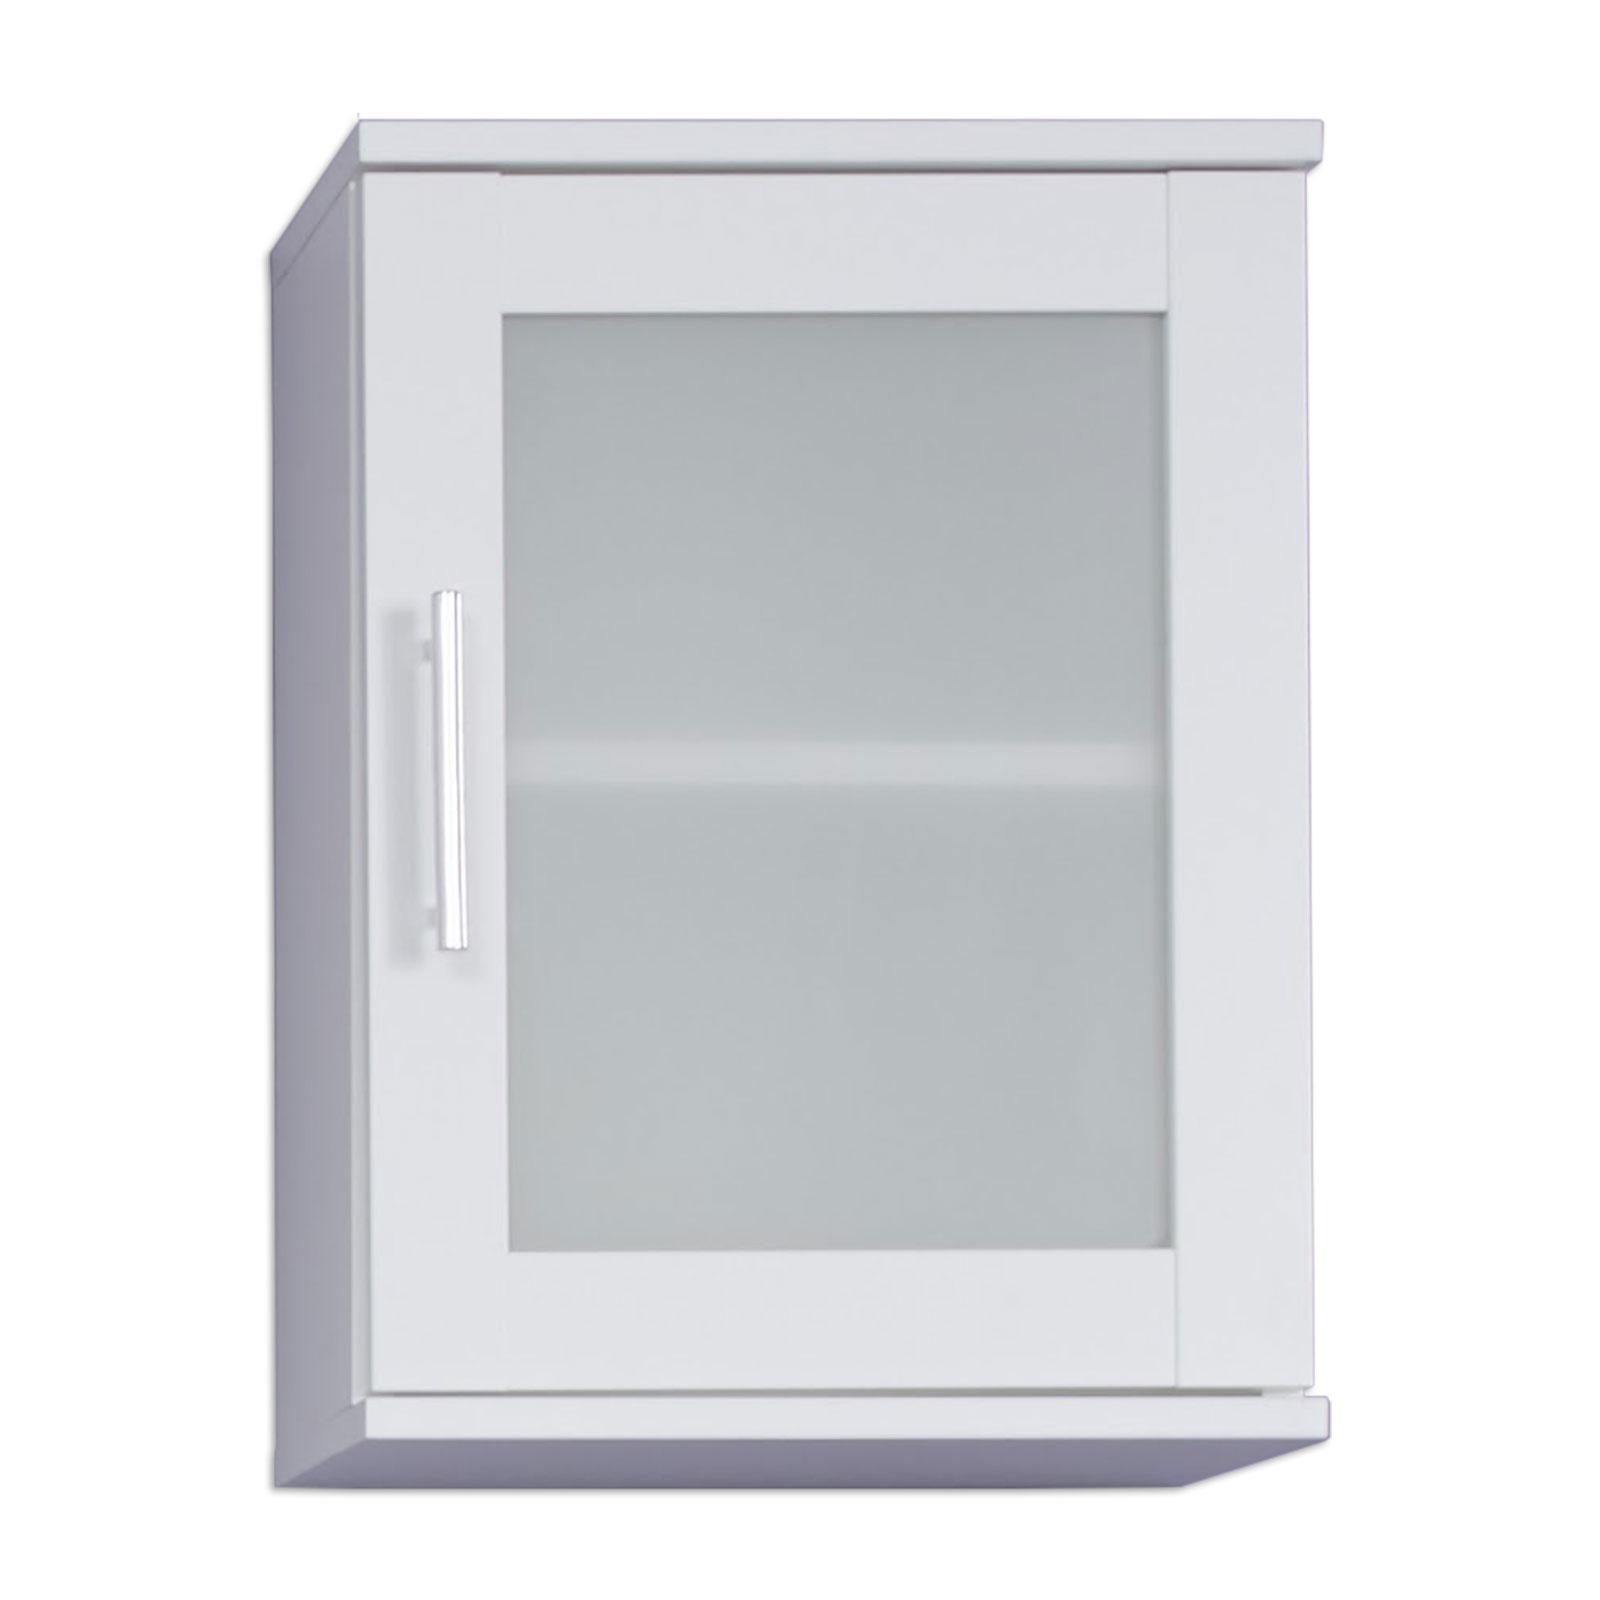 Hängeschrank - weiß - Glas satiniert - 35 cm breit